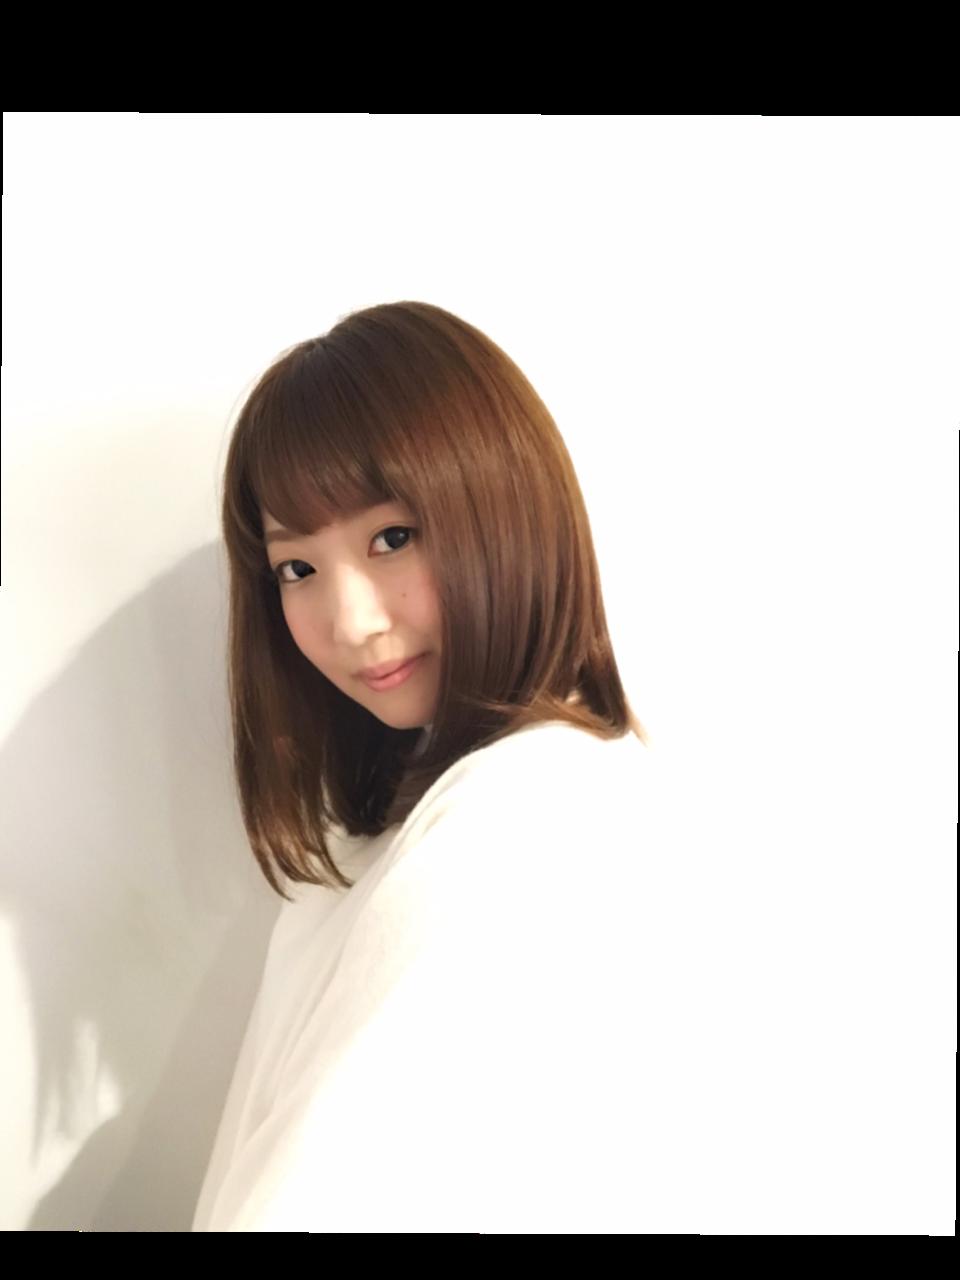 伸ばしかけでも・・・  New post from Uchida